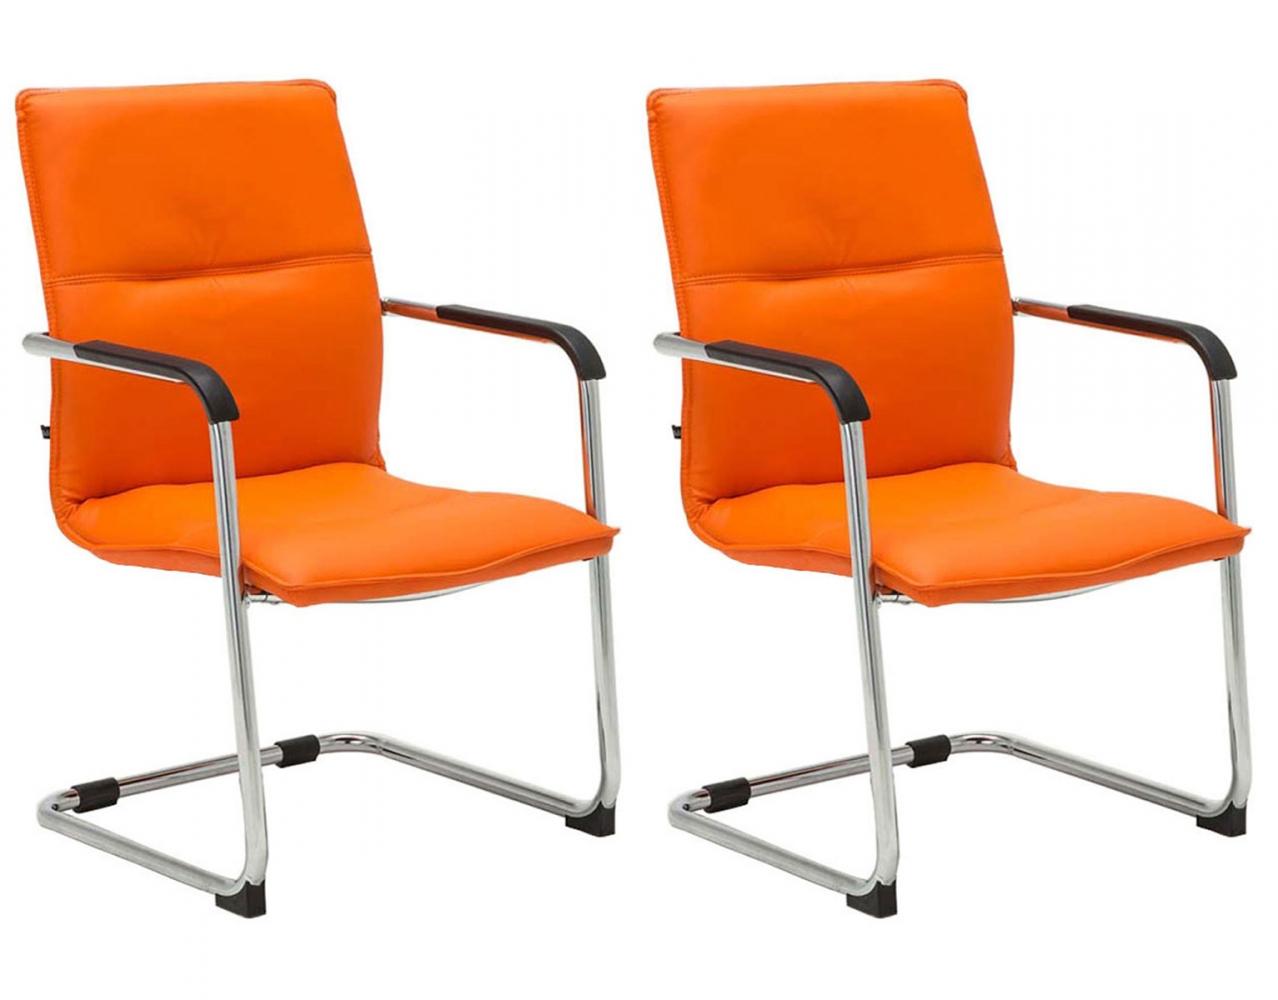 Konferenční židle Seattle (SET 2 ks), oranžová